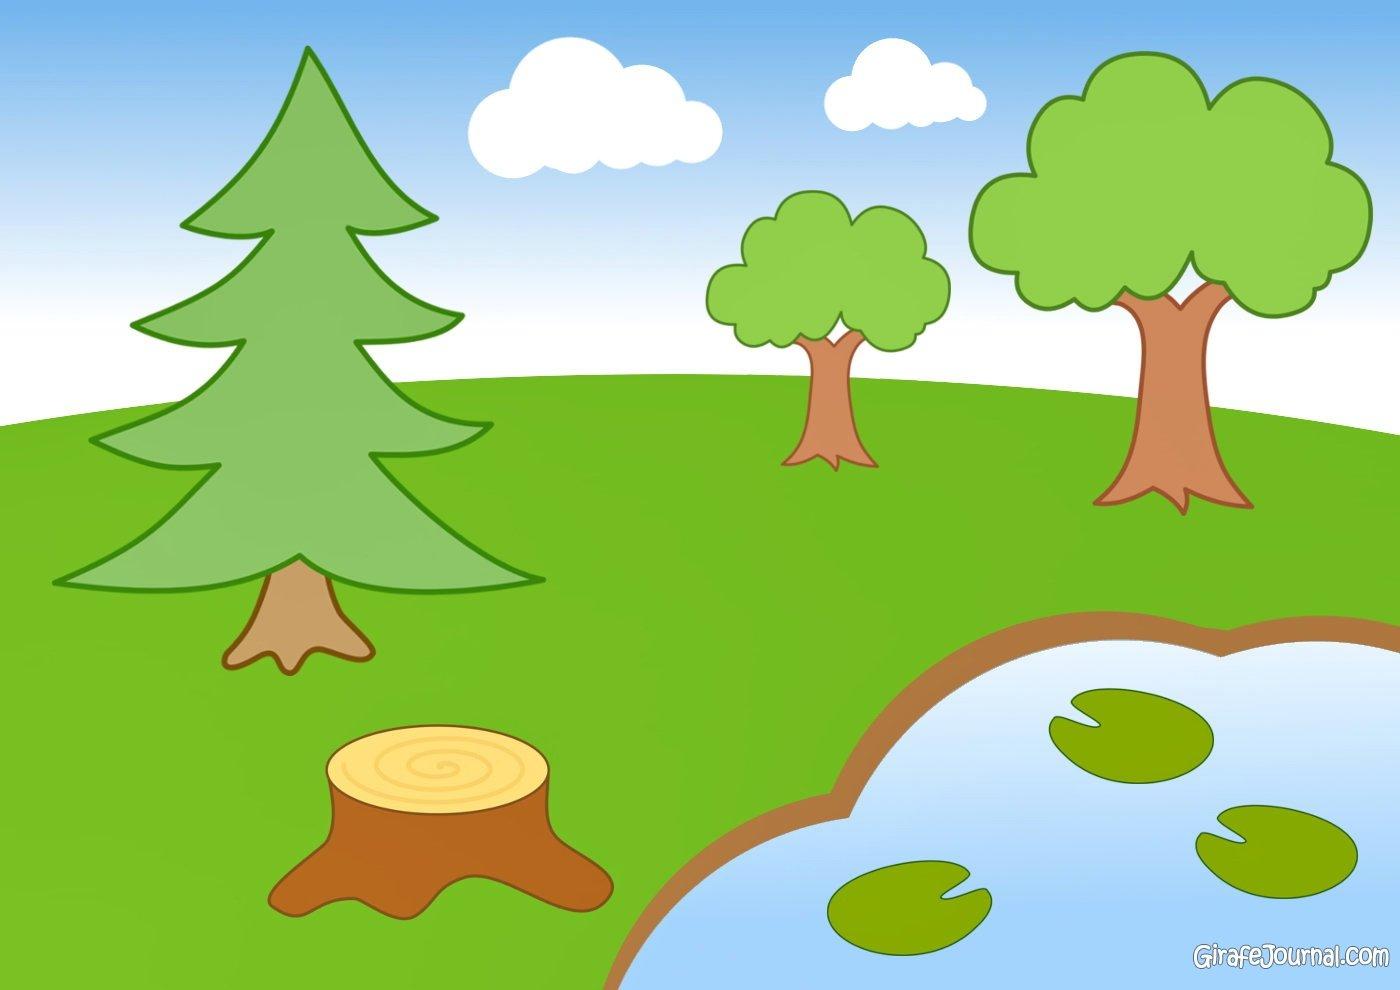 Красивые картинки с деревьями для детей и малышей - подборка 20 фото 4